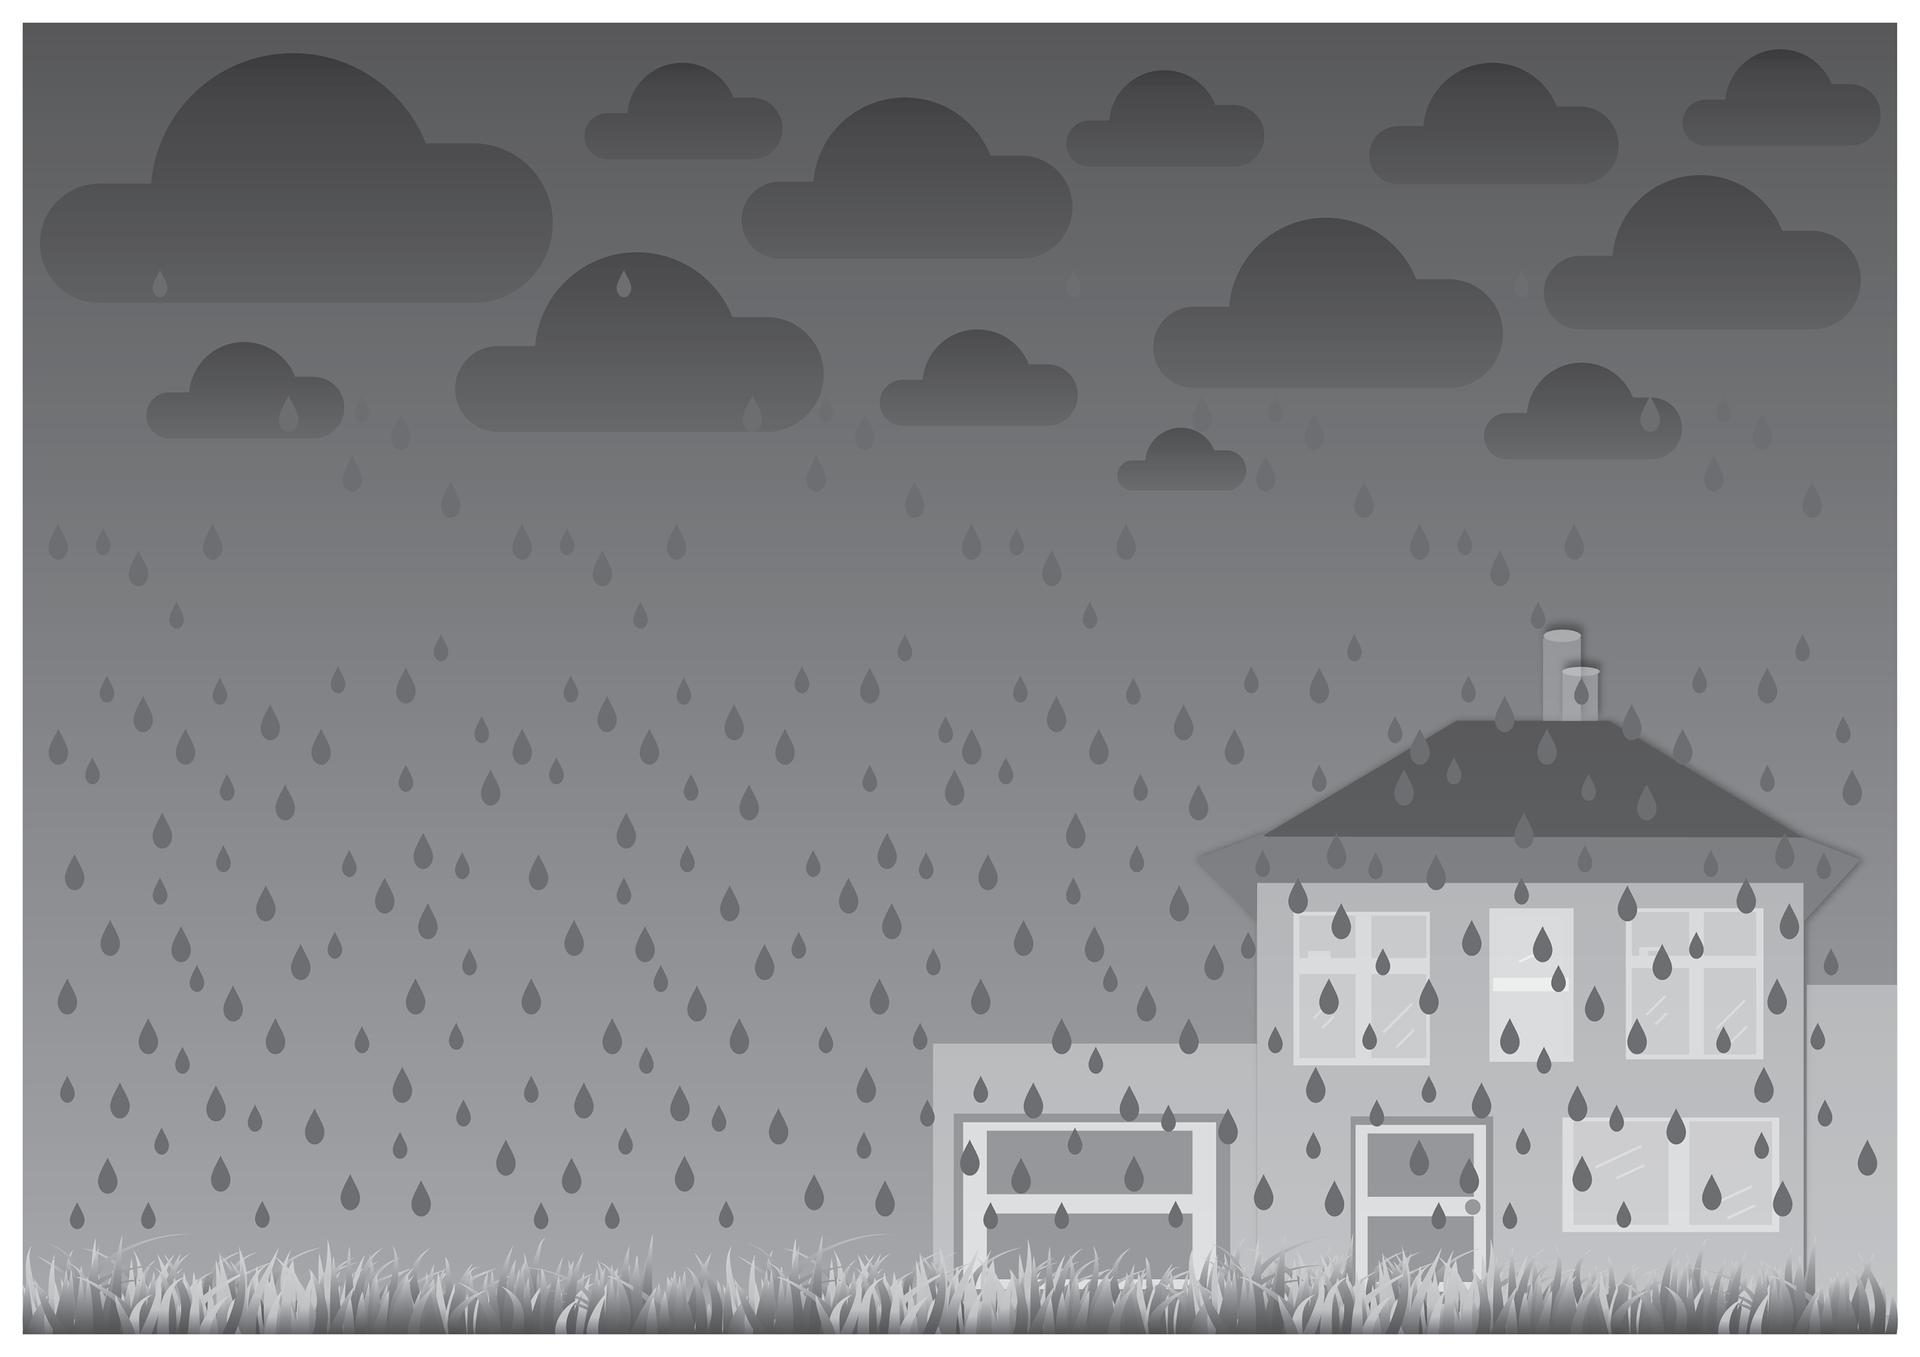 Szósta ilustracja wgalerii. Przedstawia czarno biały symboliczny rysunek domu jednorodzinnego zgarażem podczas deszczowej pogody. Niebo ciemne, zachmurzone. Padający gęsty deszcz zrasza trawnik widoczny na pierwszym planie.